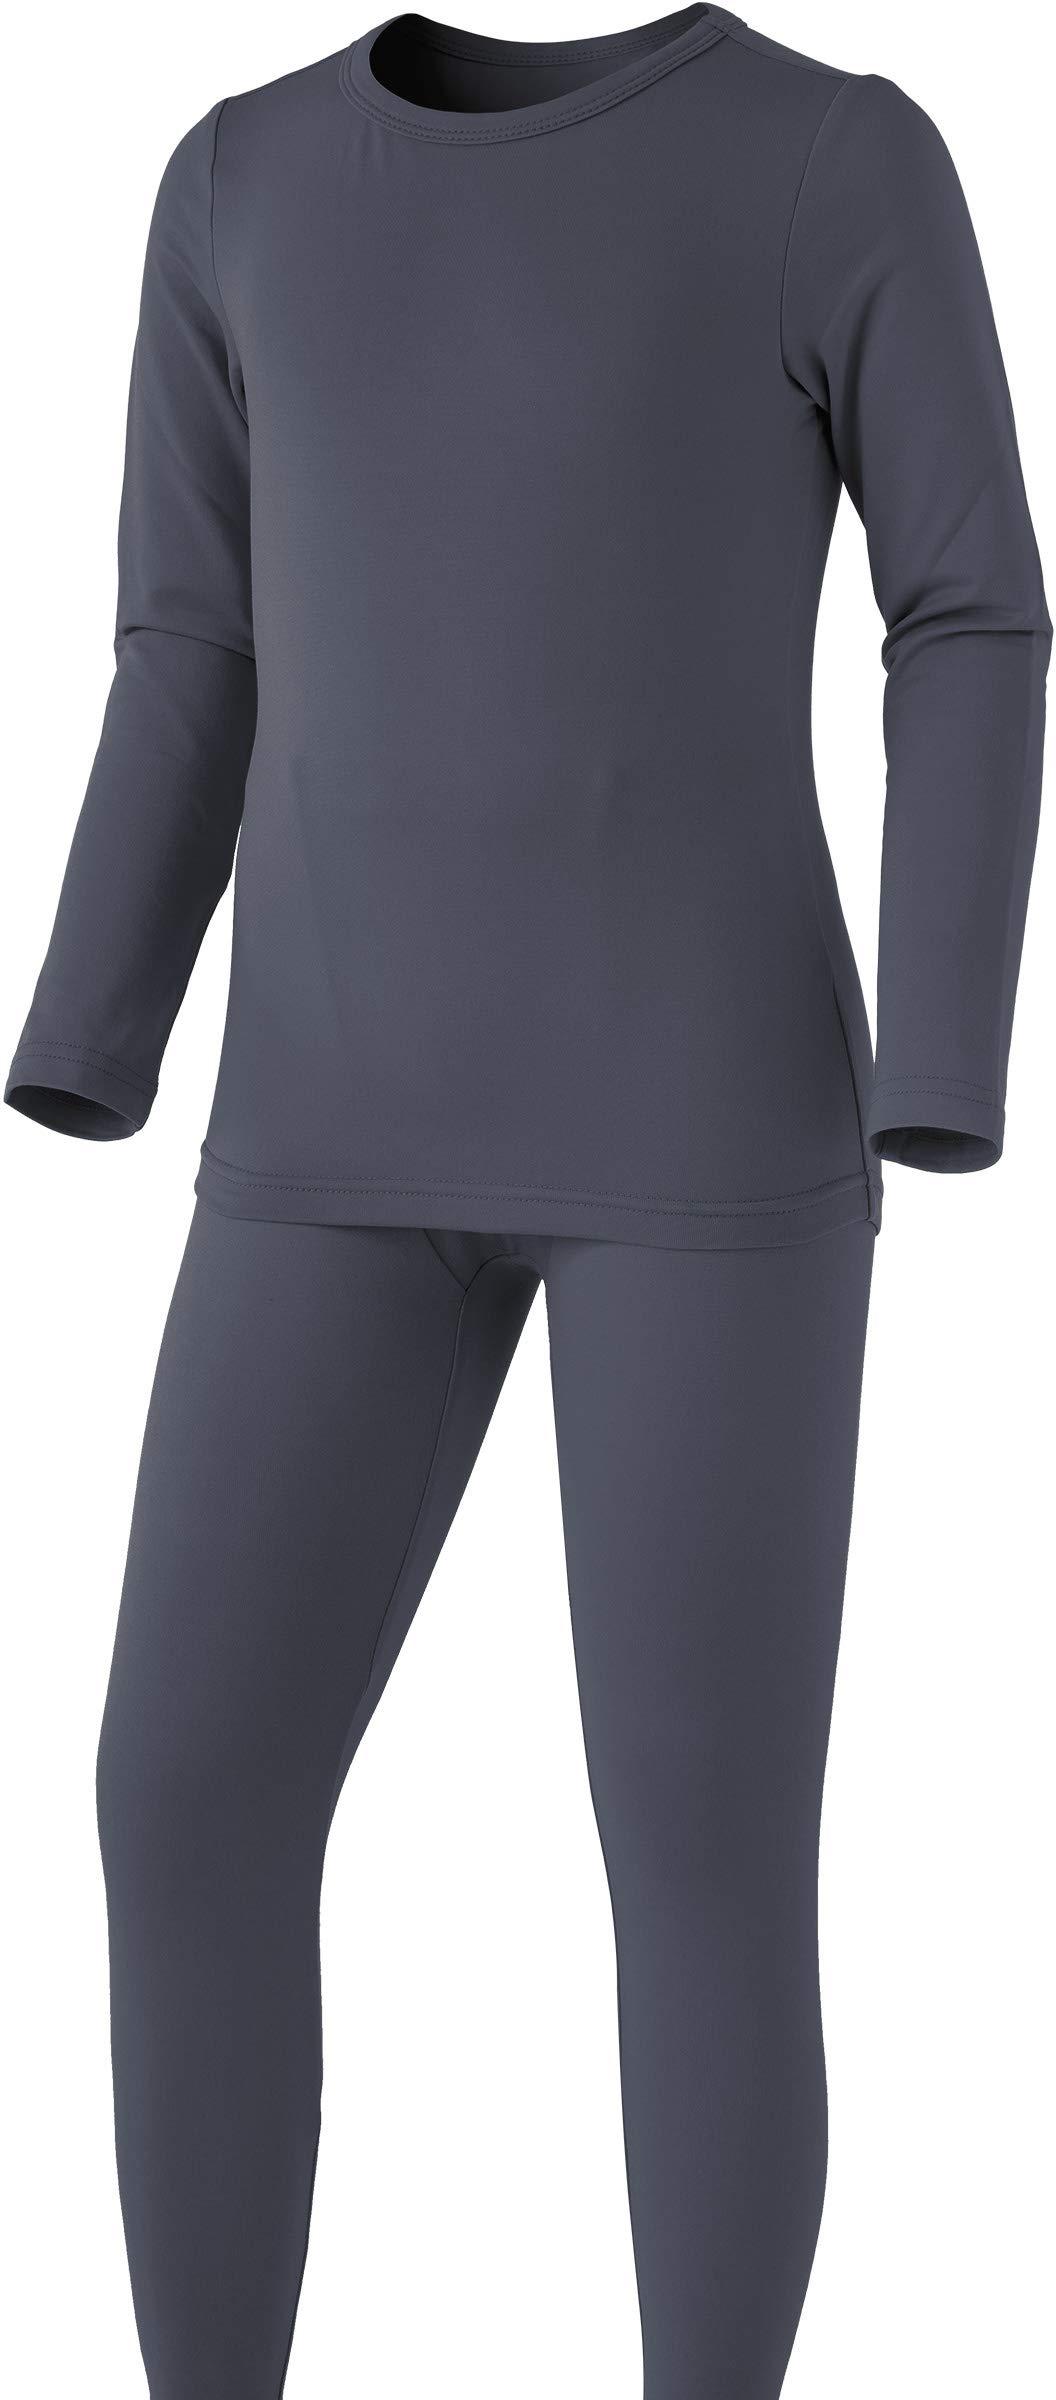 TSLA Boy's Microfiber Soft Fleece Lined Warm Thermal Top & Bottom Set, Boy Set(khs300) - Dark Grey, Small (Height 4ft2in - 4ft5in) by TSLA